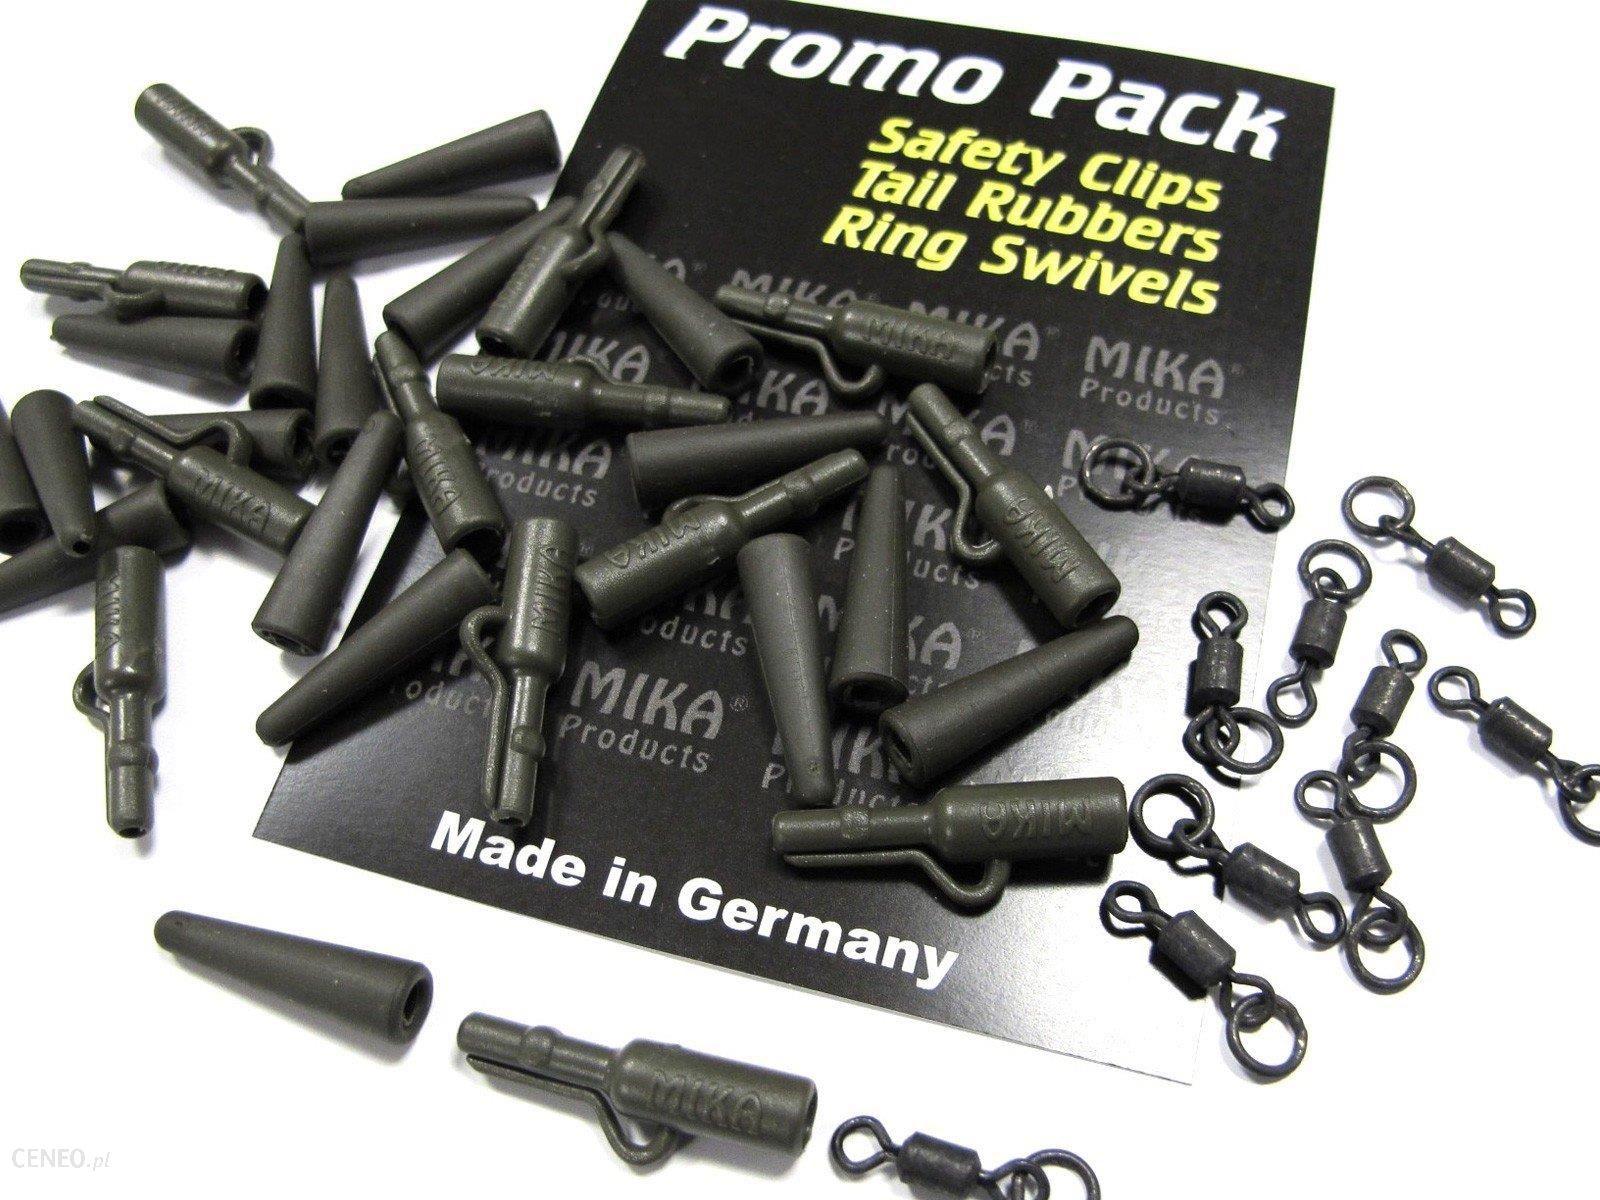 Mika Products Bezpieczny Klips + Gumki Zabezpieczające + Krętliki Z Pierścieniem 60Szt